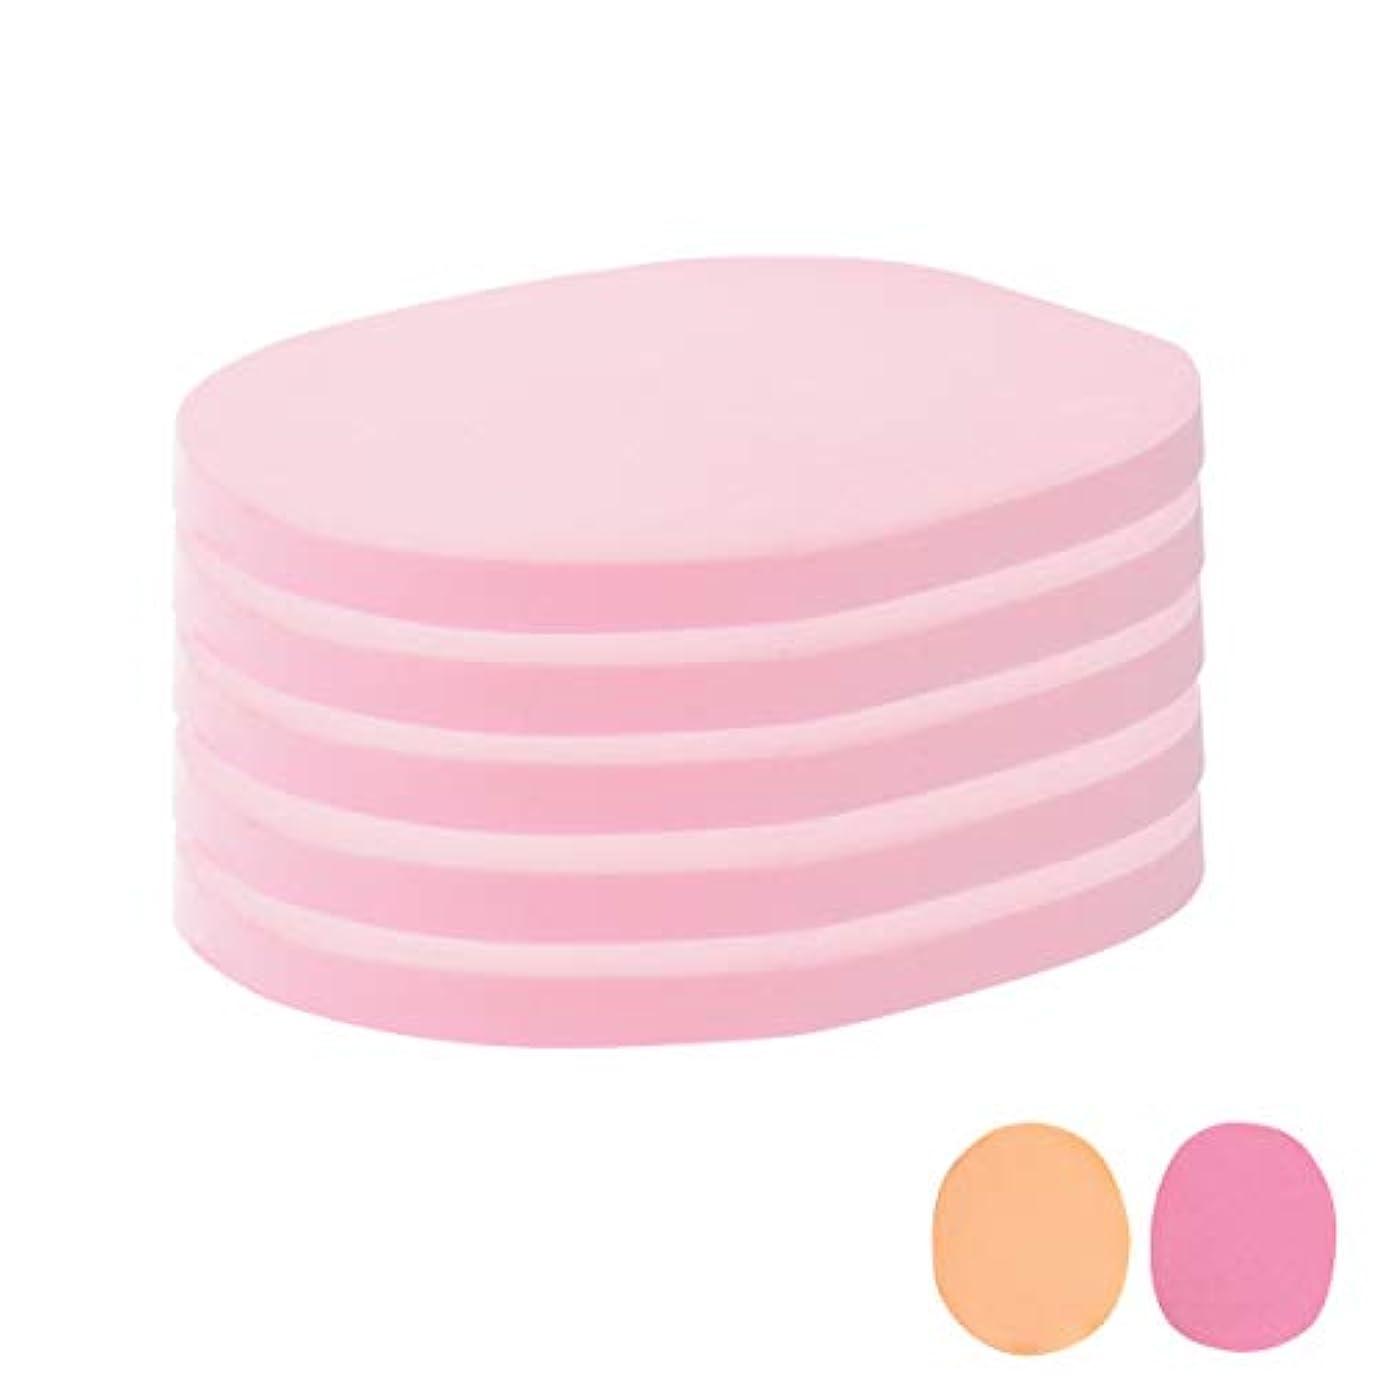 分配します受け入れたふくろうフェイシャルスポンジ 全4種 7mm厚 (きめ細かい) 5枚入 ピンク [ フェイススポンジ マッサージスポンジ フェイシャル フェイス 顔用 洗顔 エステ スポンジ パフ クレンジング パック マスク 拭き取り ]